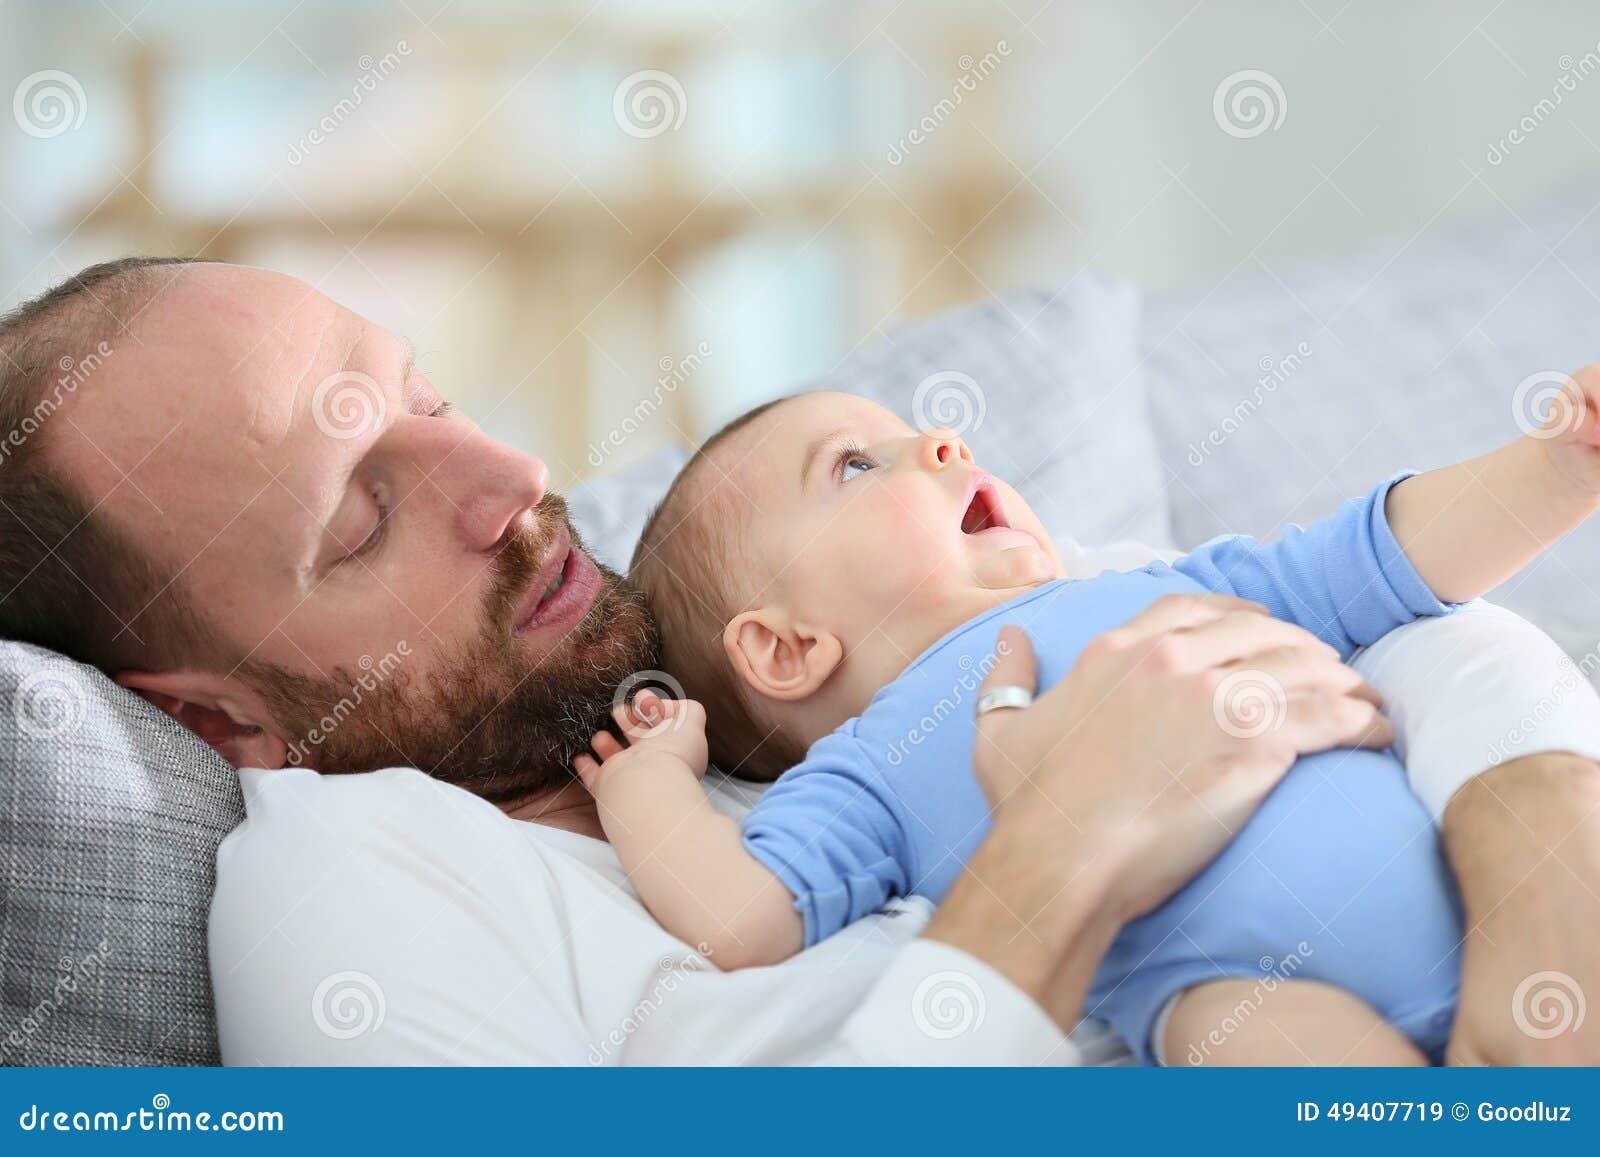 Download Nettes Kleines Baby In Den Armen Seines Vaters, Der Auf Dem Sofa Liegt Stockbild - Bild von erwachsener, gesichter: 49407719